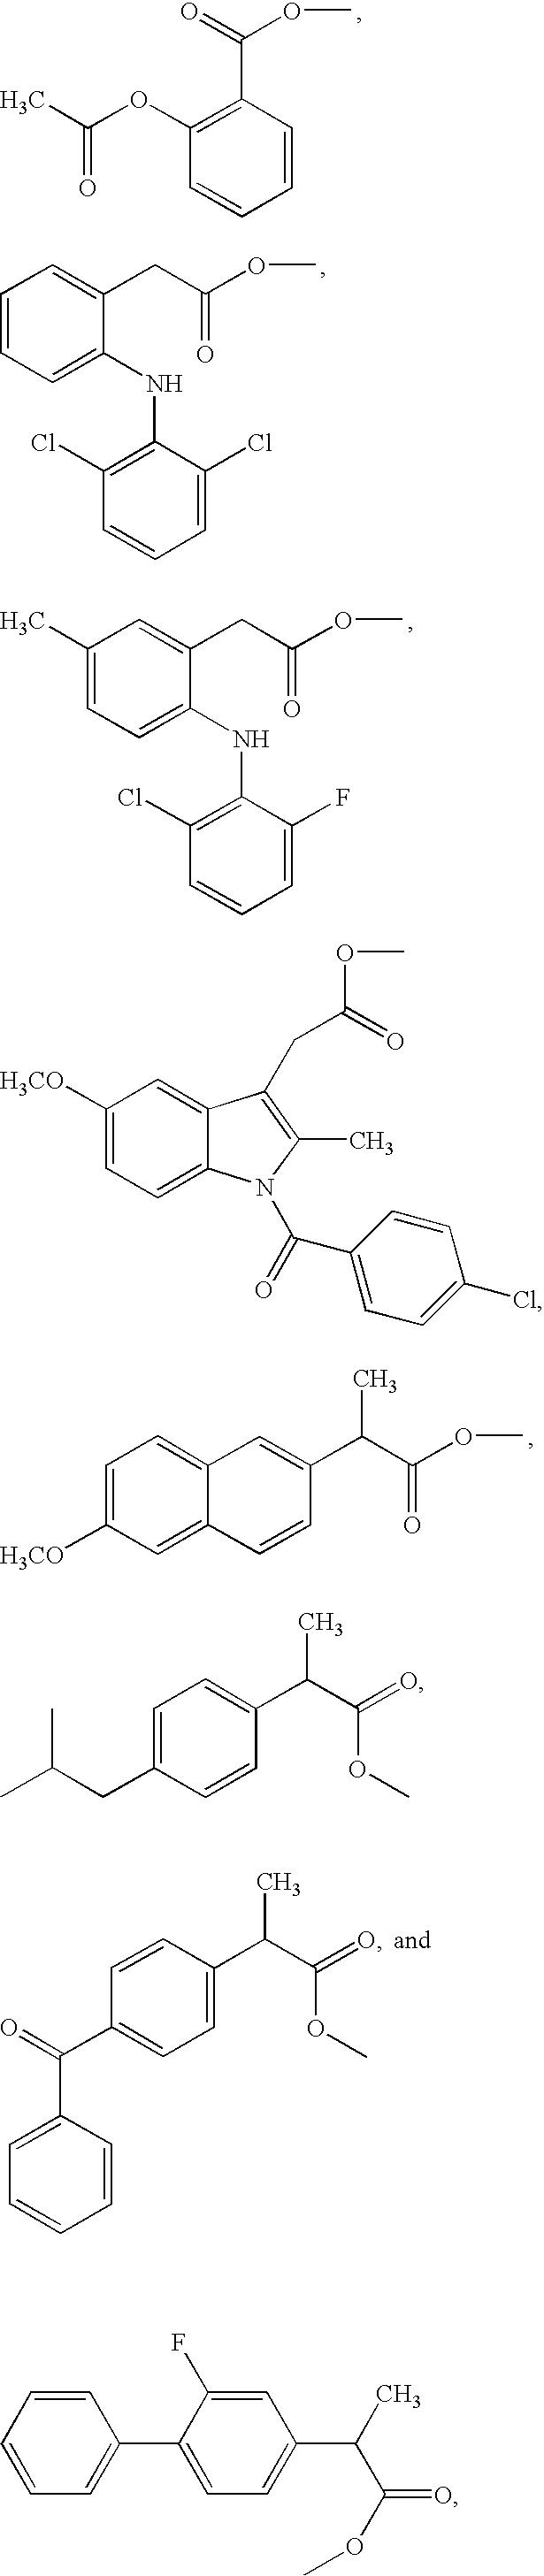 Figure US07741359-20100622-C00002